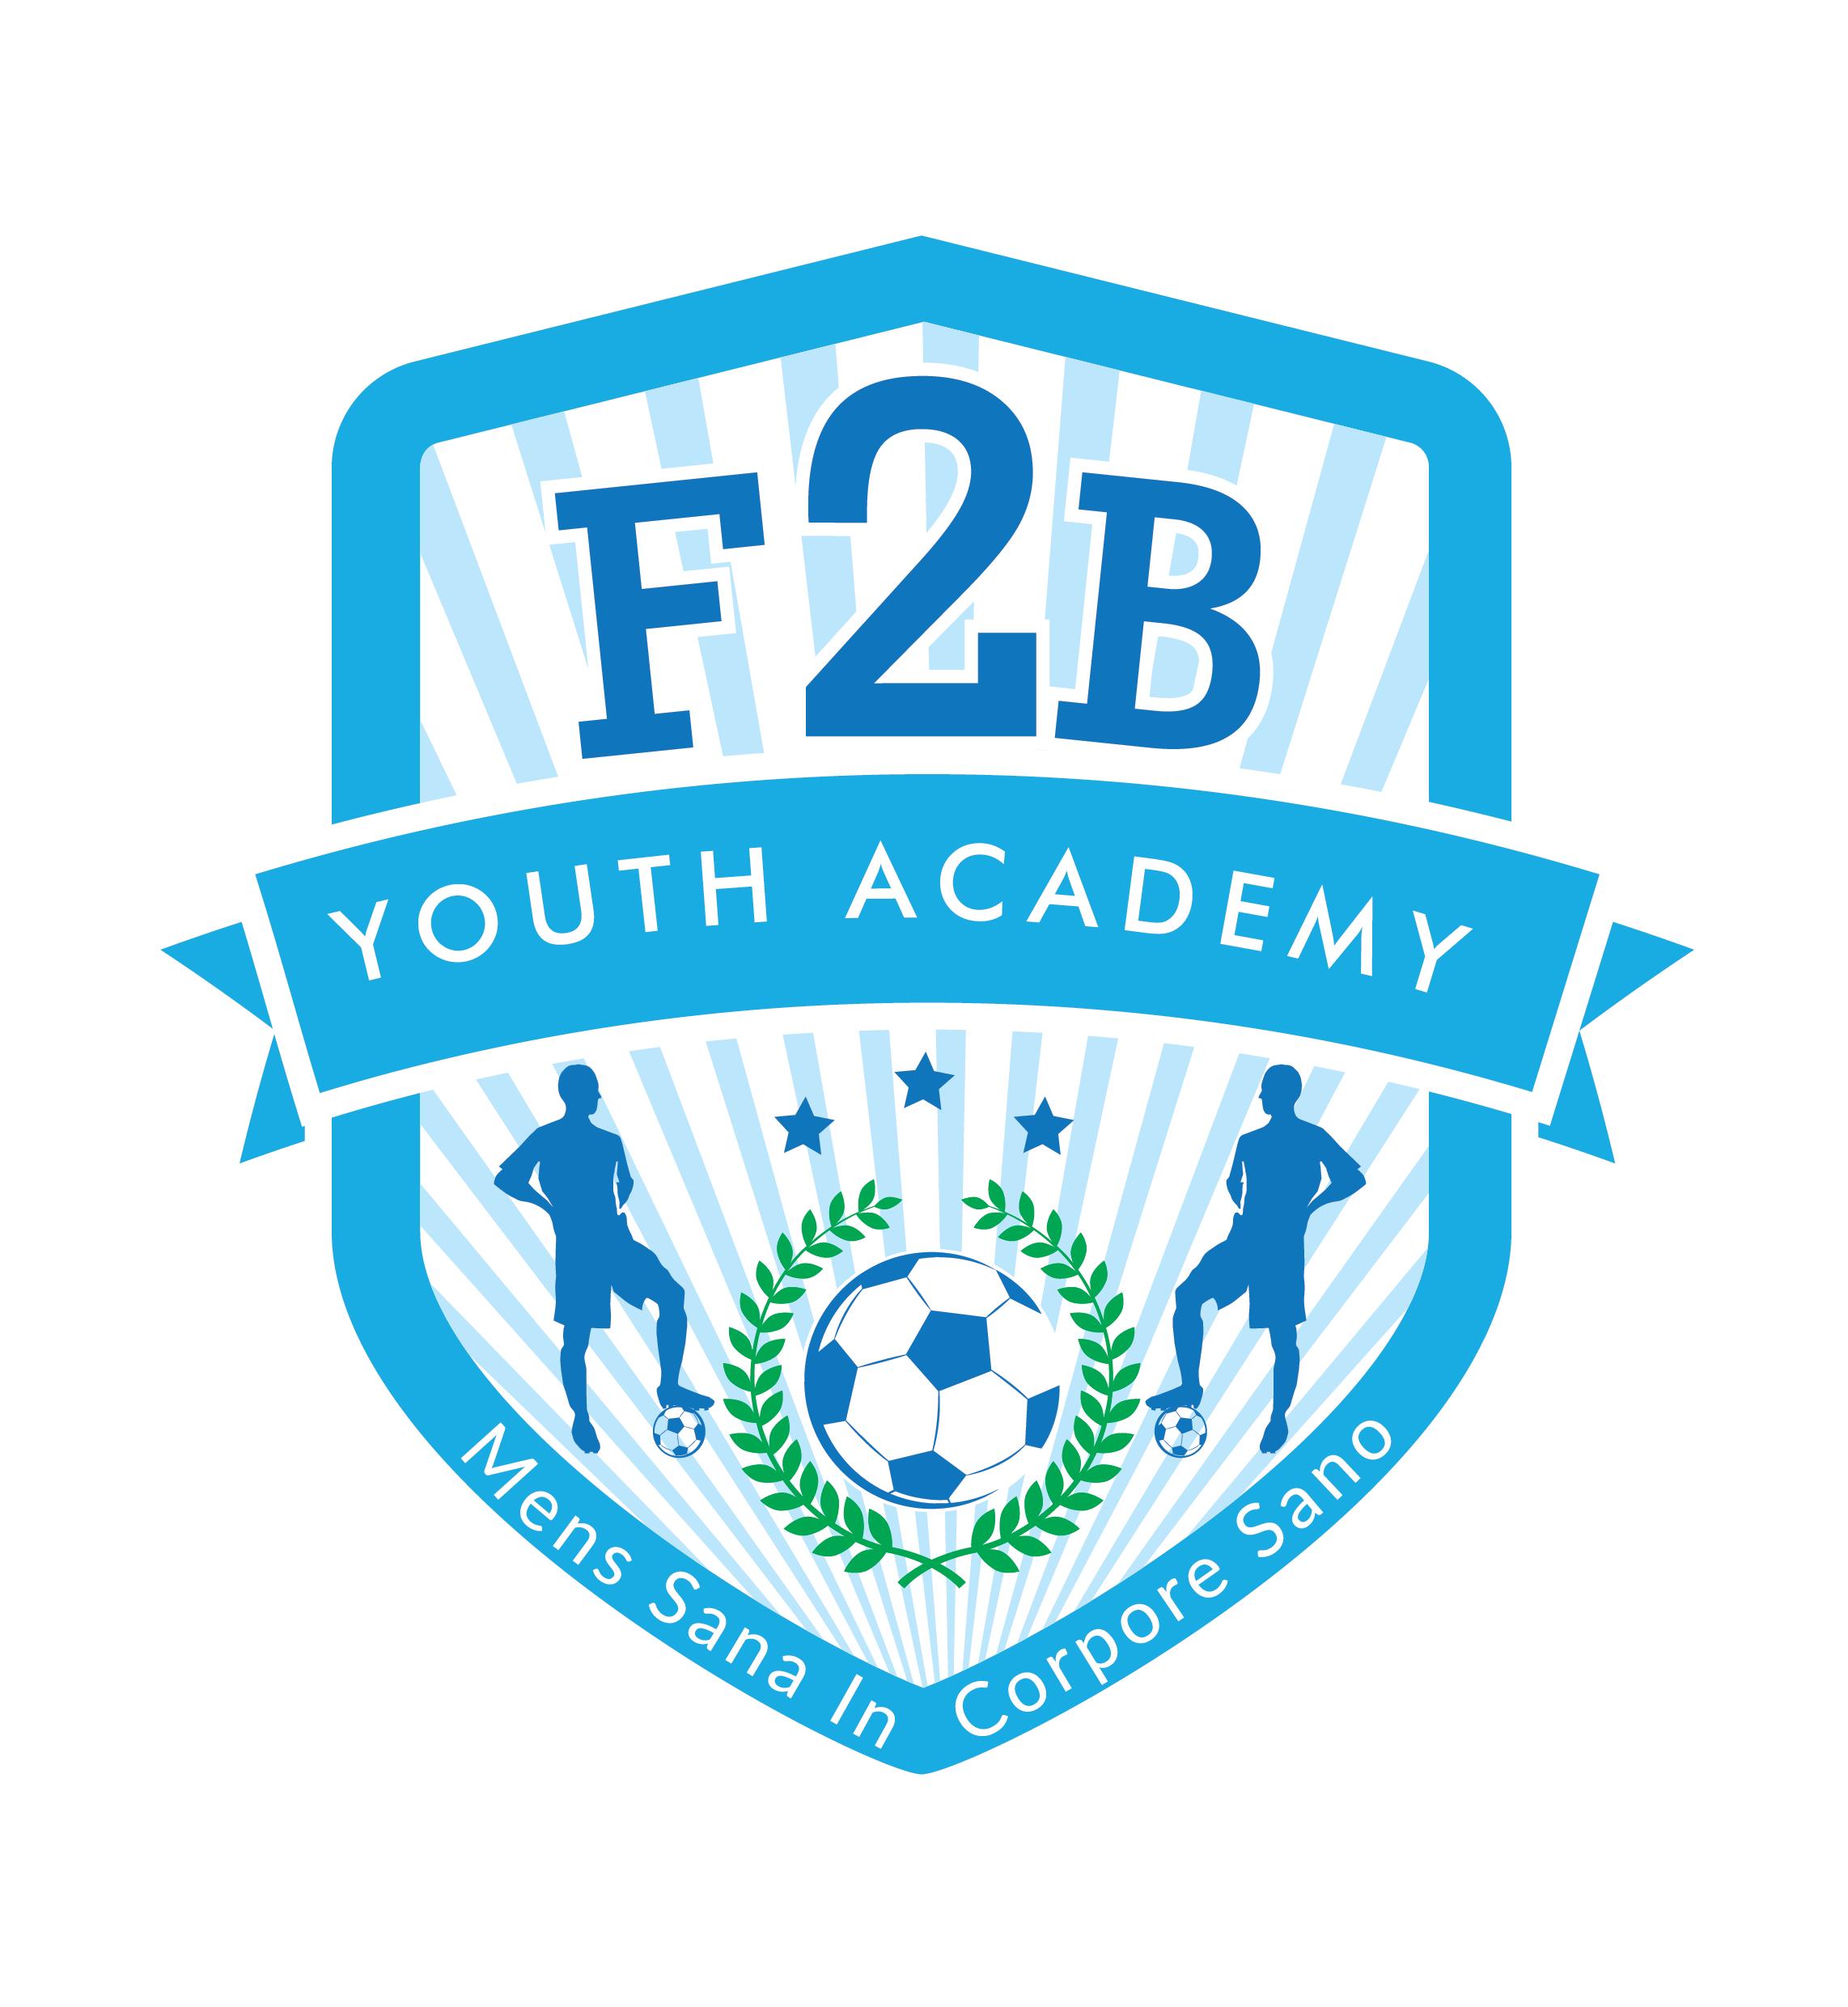 F2B Academy logo